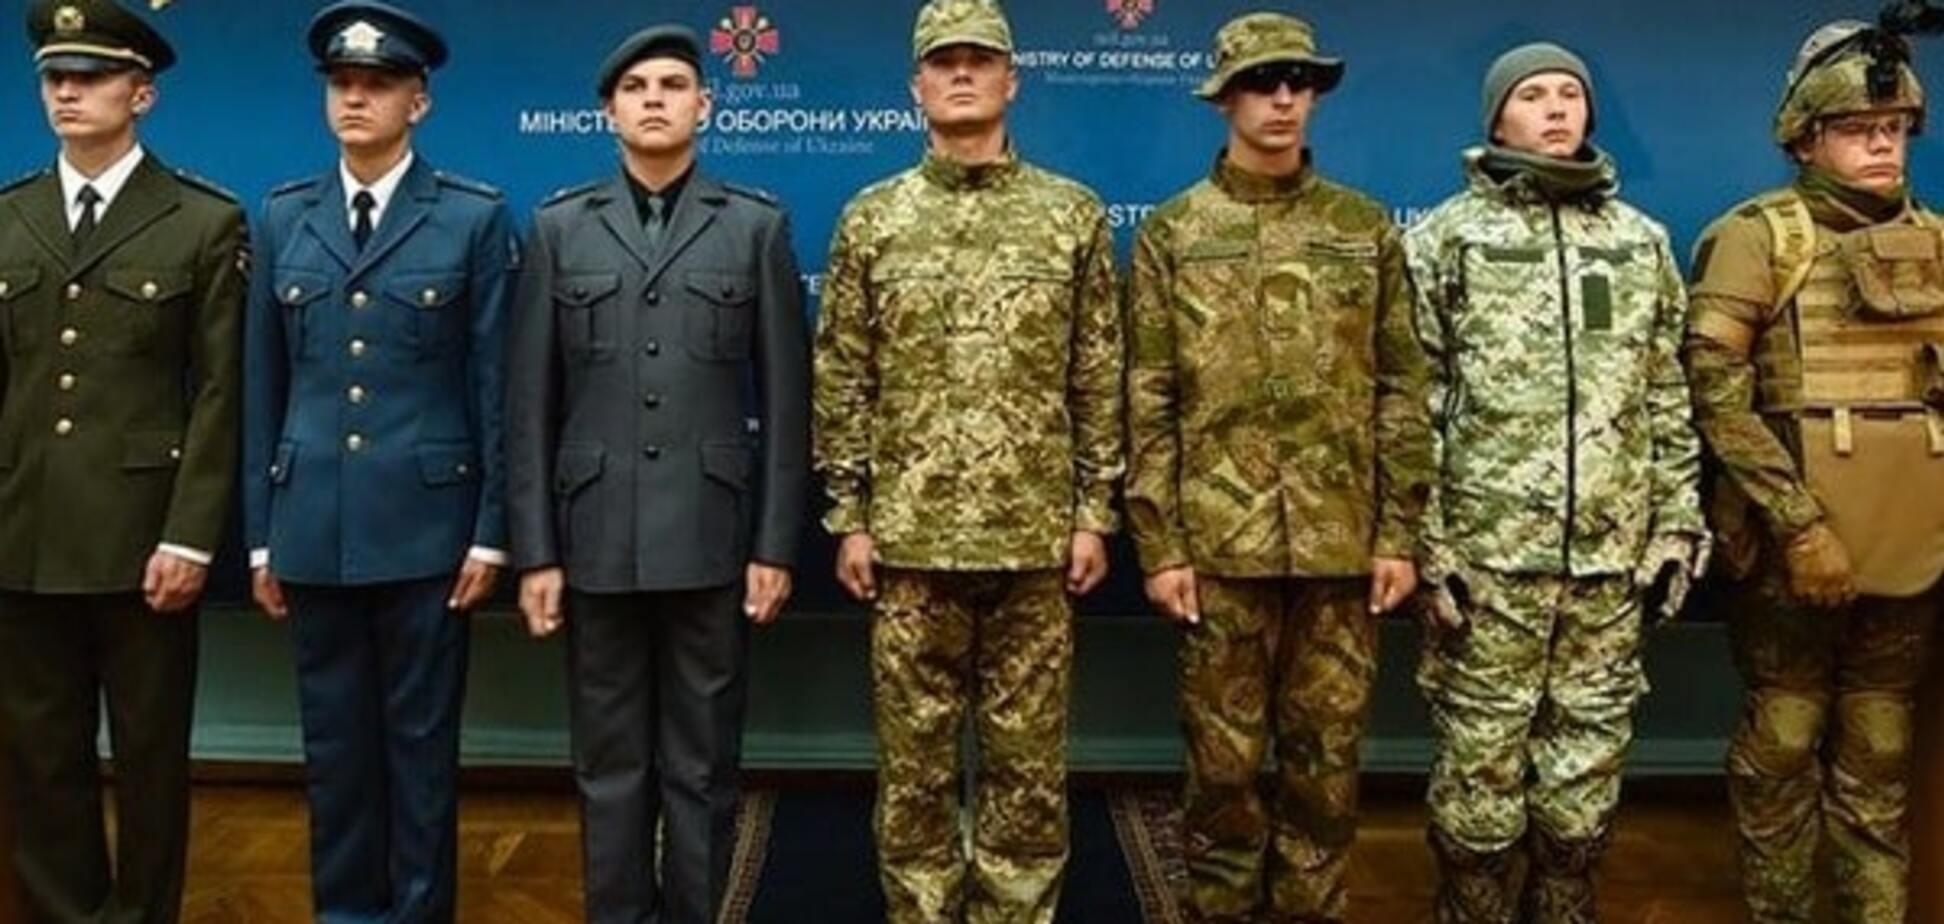 Заслані козачки: генерал пояснив, навіщо терористи переодягаються в бійців ЗСУ